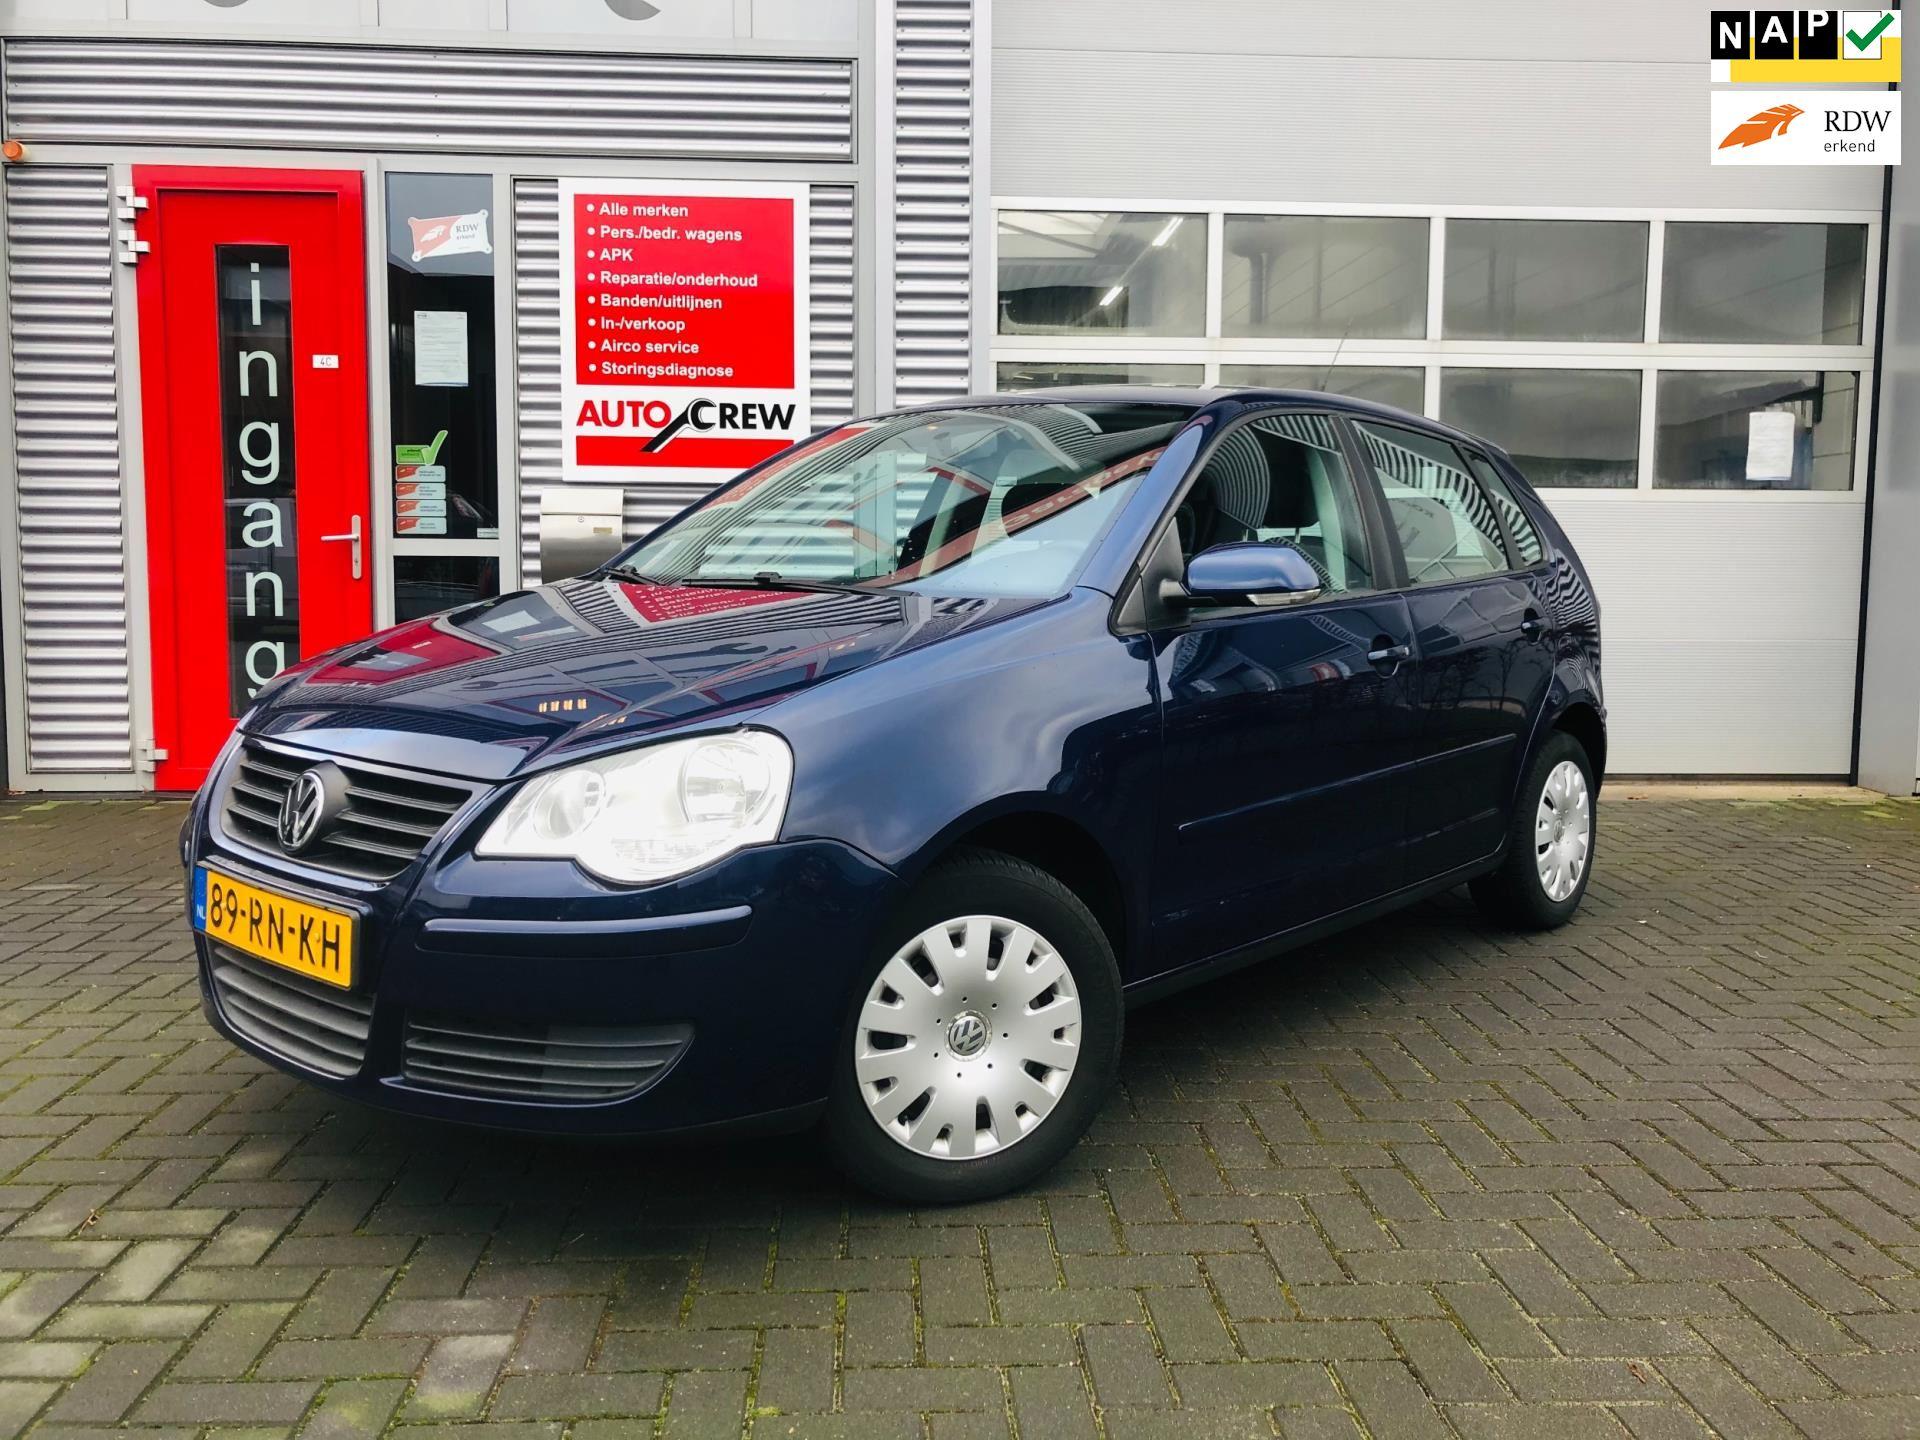 Volkswagen Polo occasion - Garage Willemsen